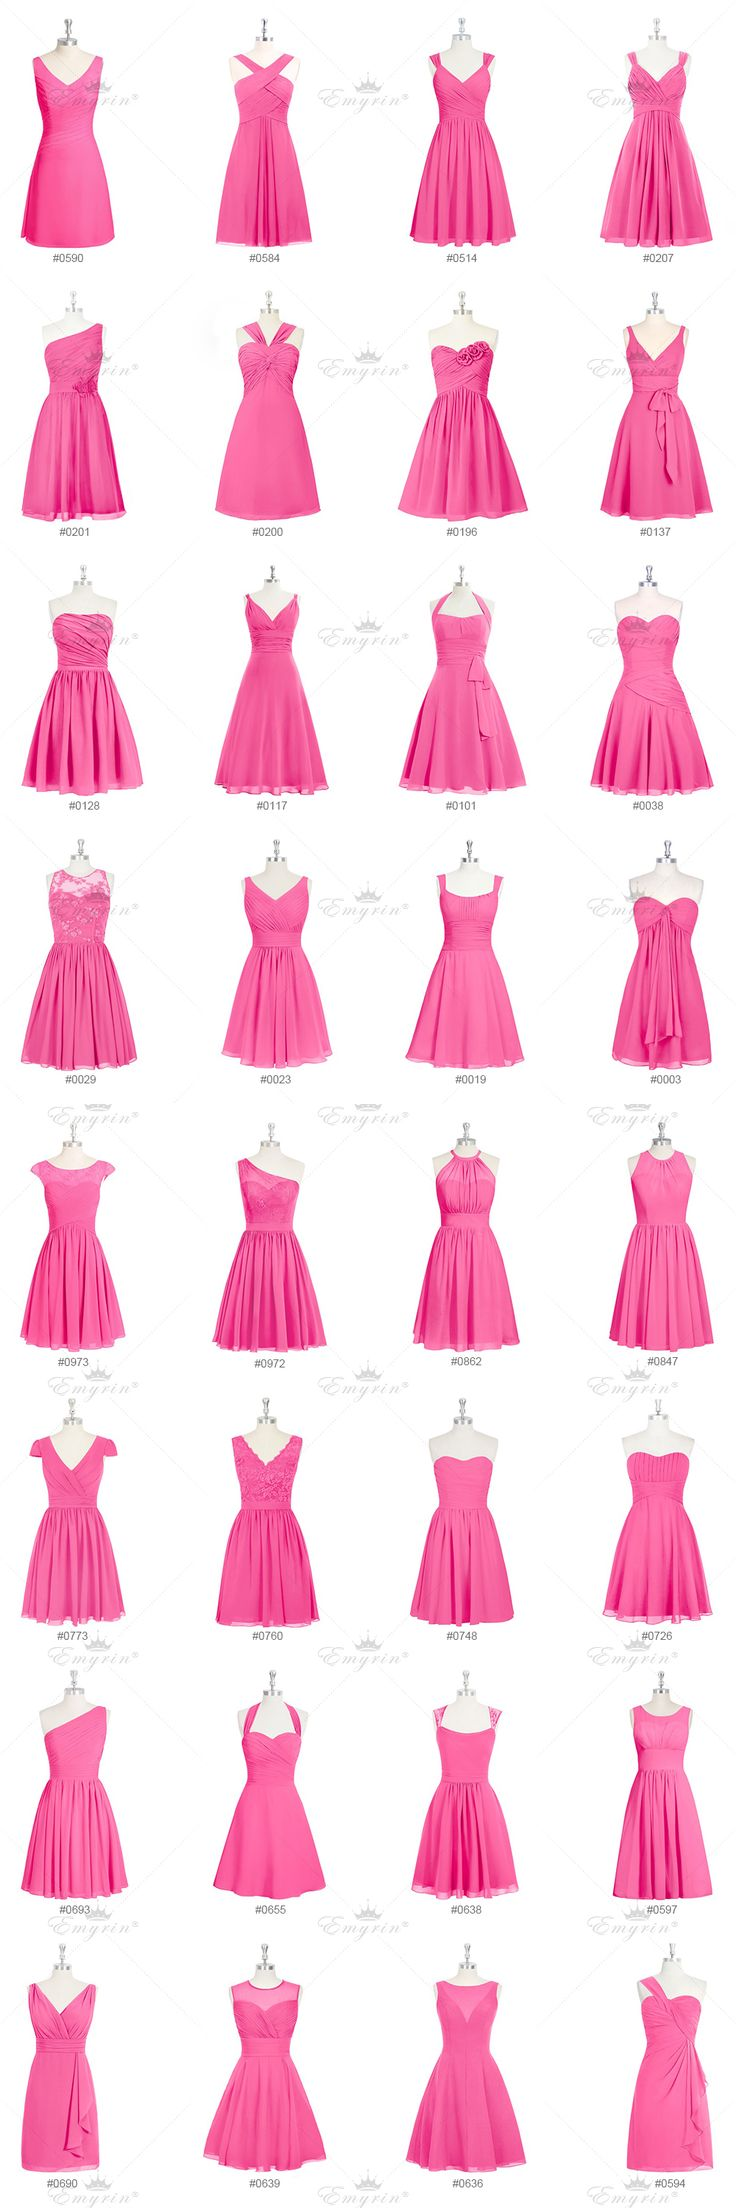 $59.99 Every Items, azalea bridesmaid dresses, bridesmaid dresses, black…